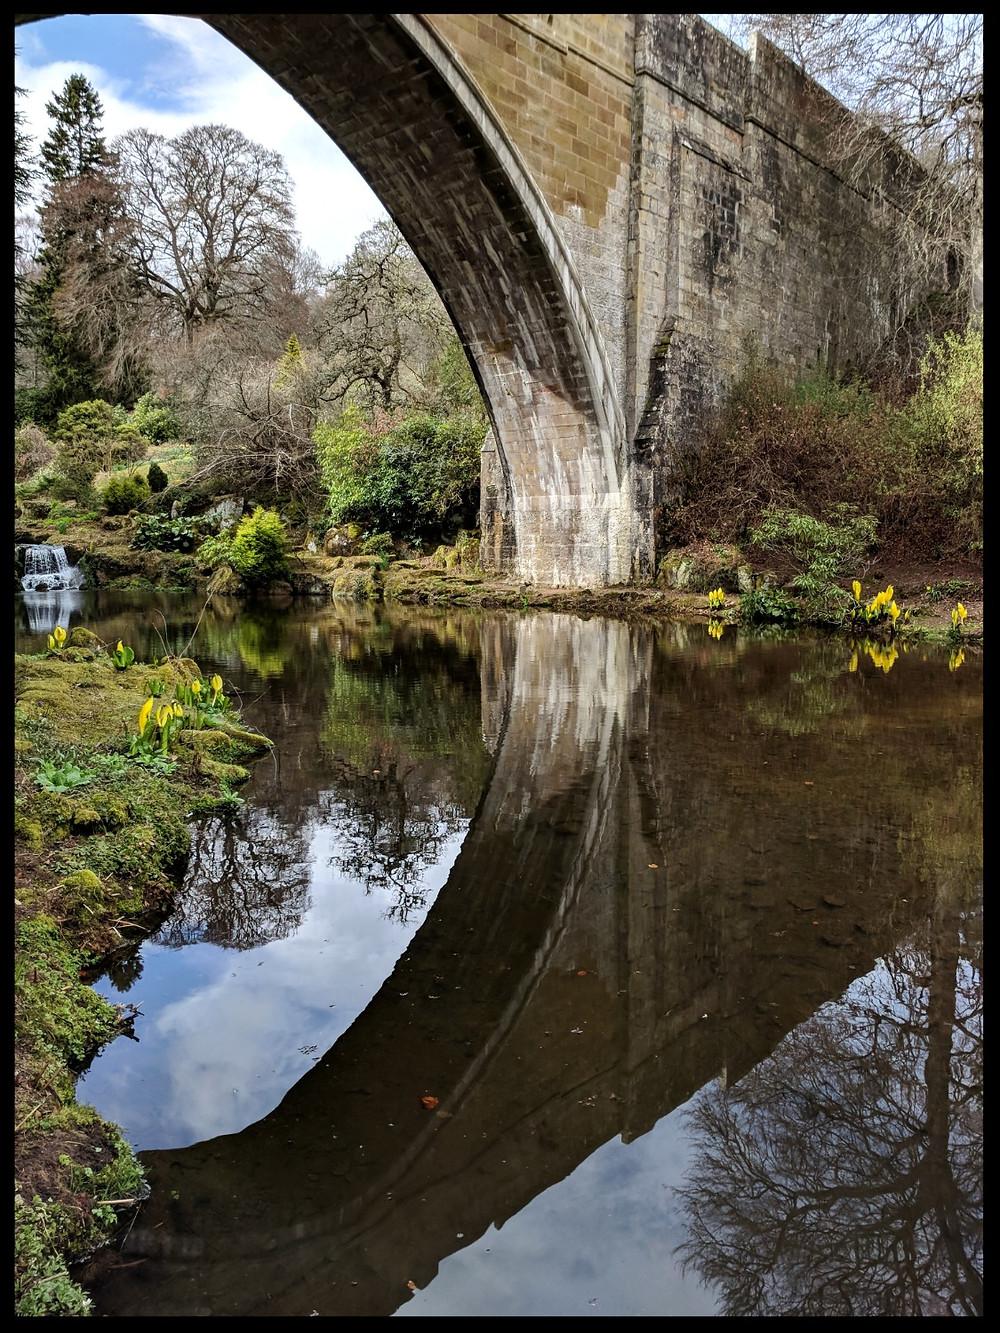 Kildrummy Castle Gardens, Aberdeenshire, Scotland.